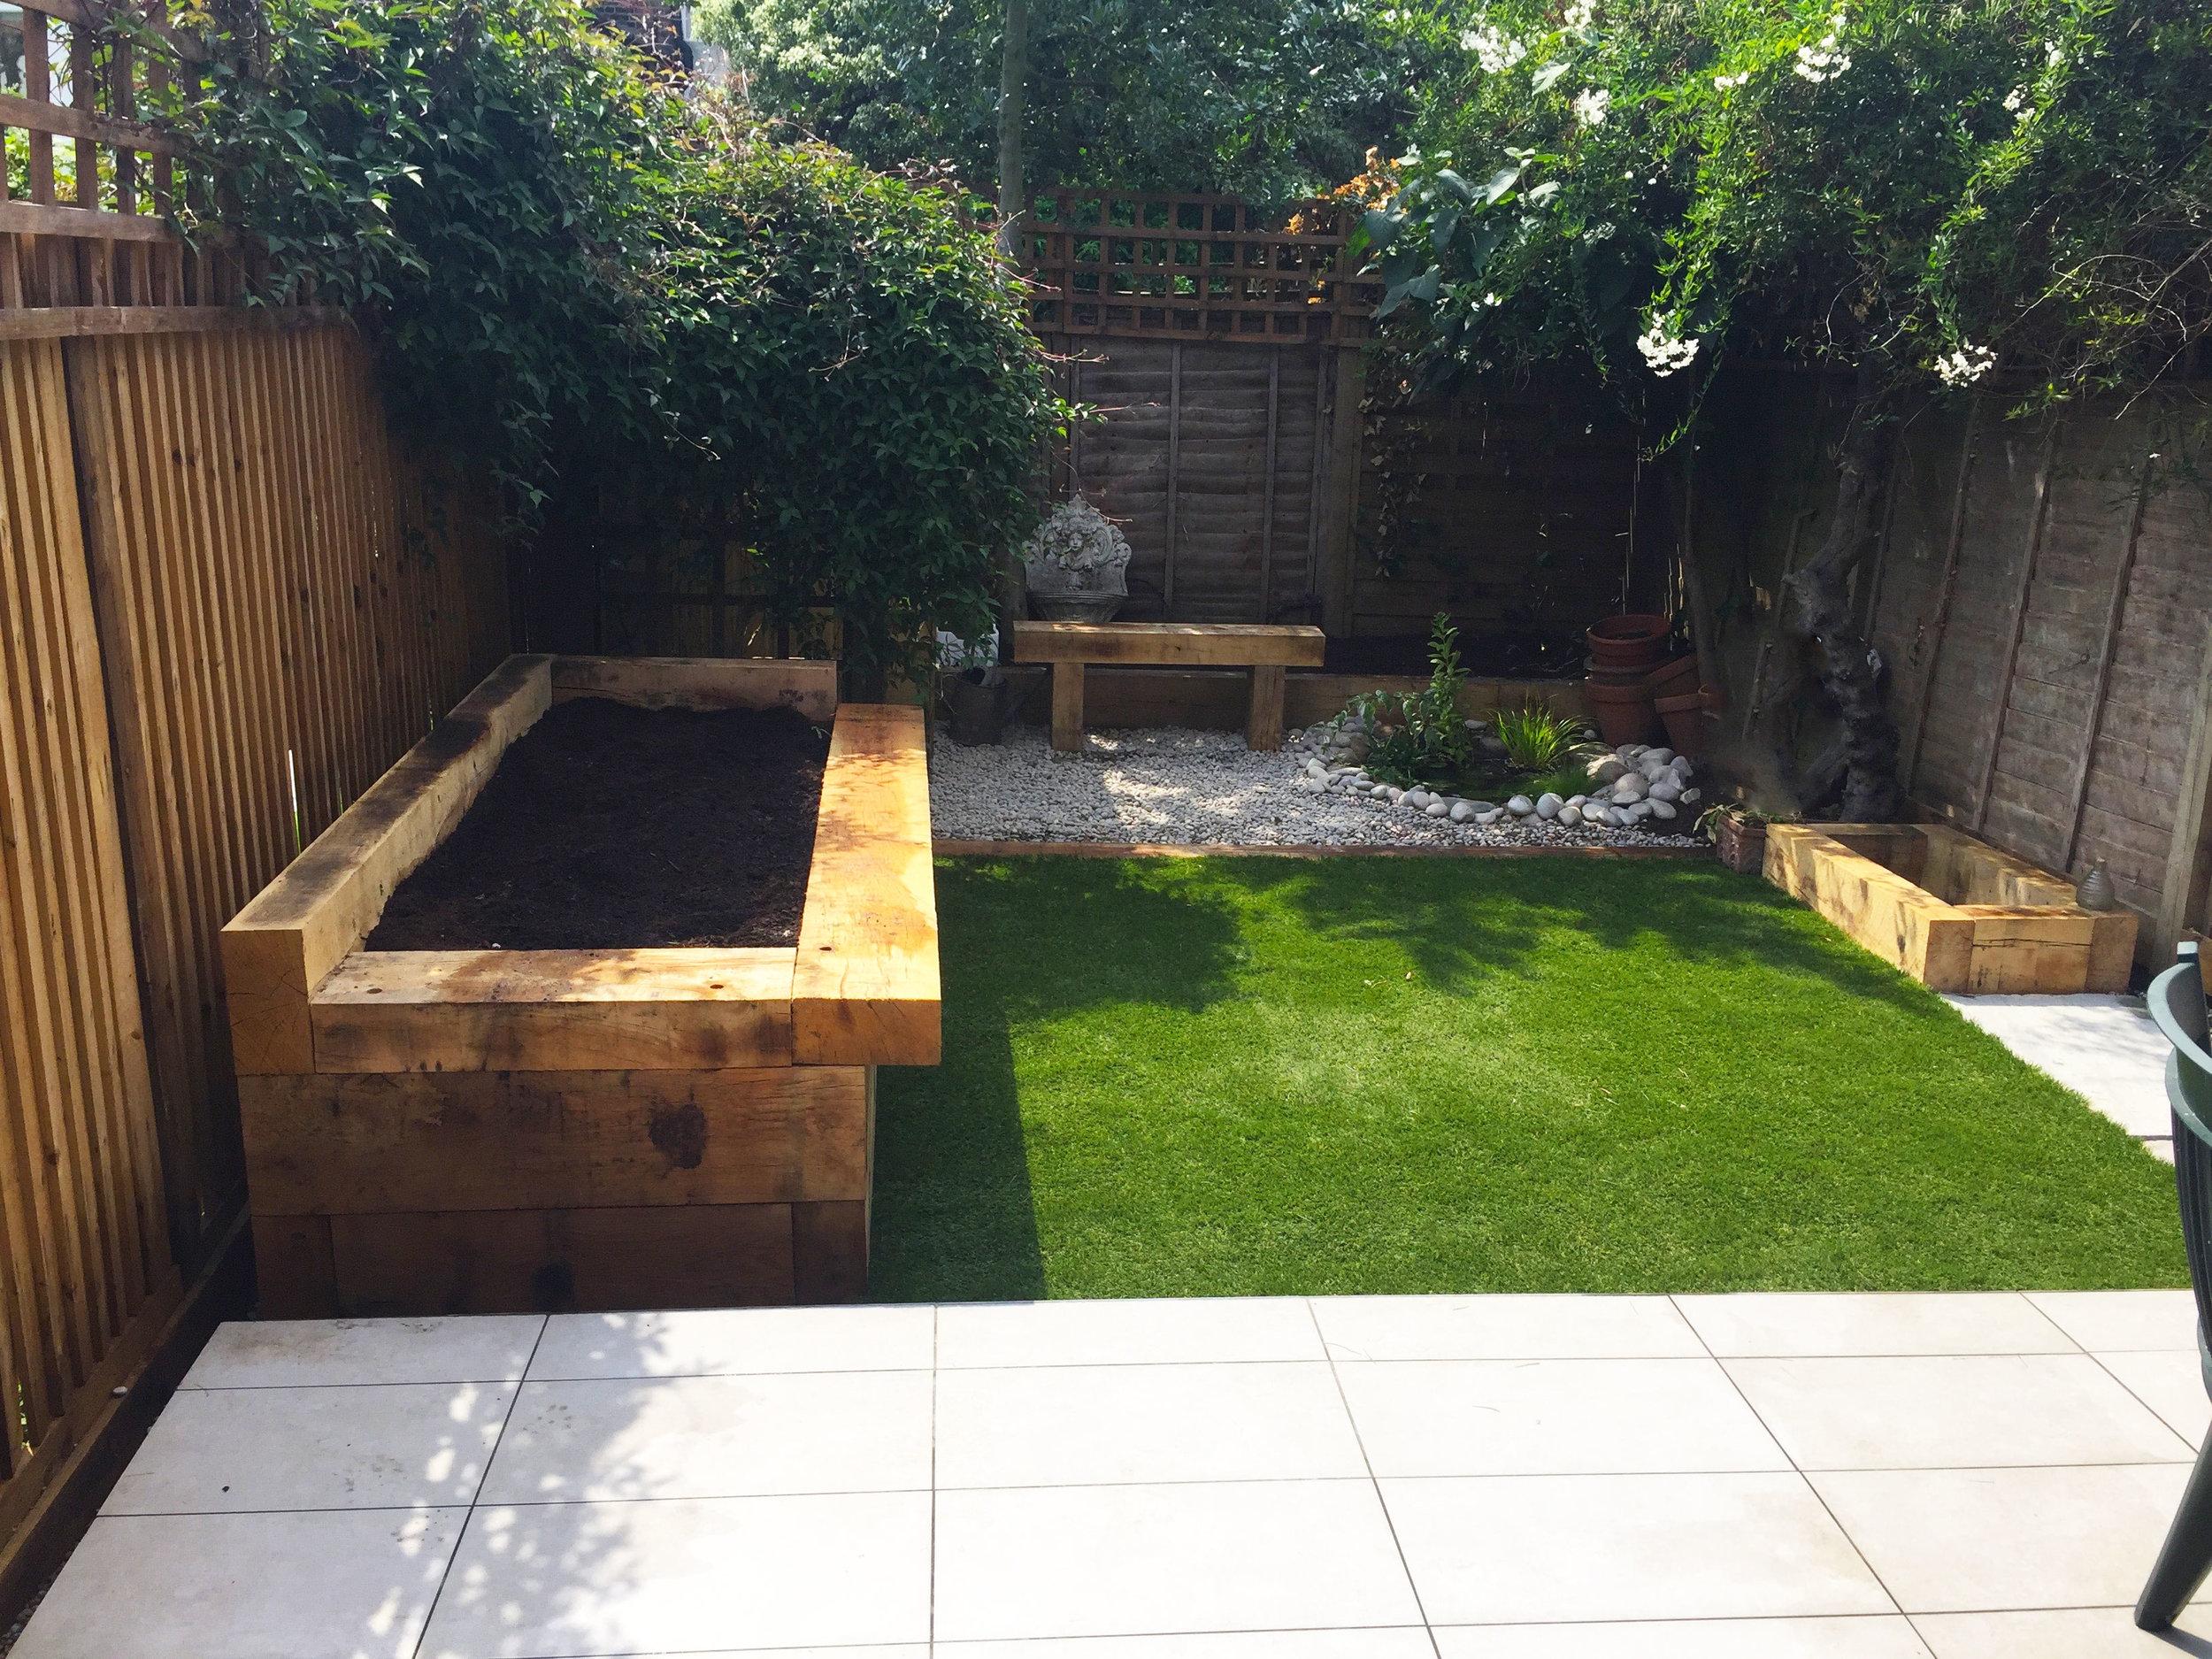 Garden-design-5-Gallagher-gardens---Landscaping-Oxford.jpg